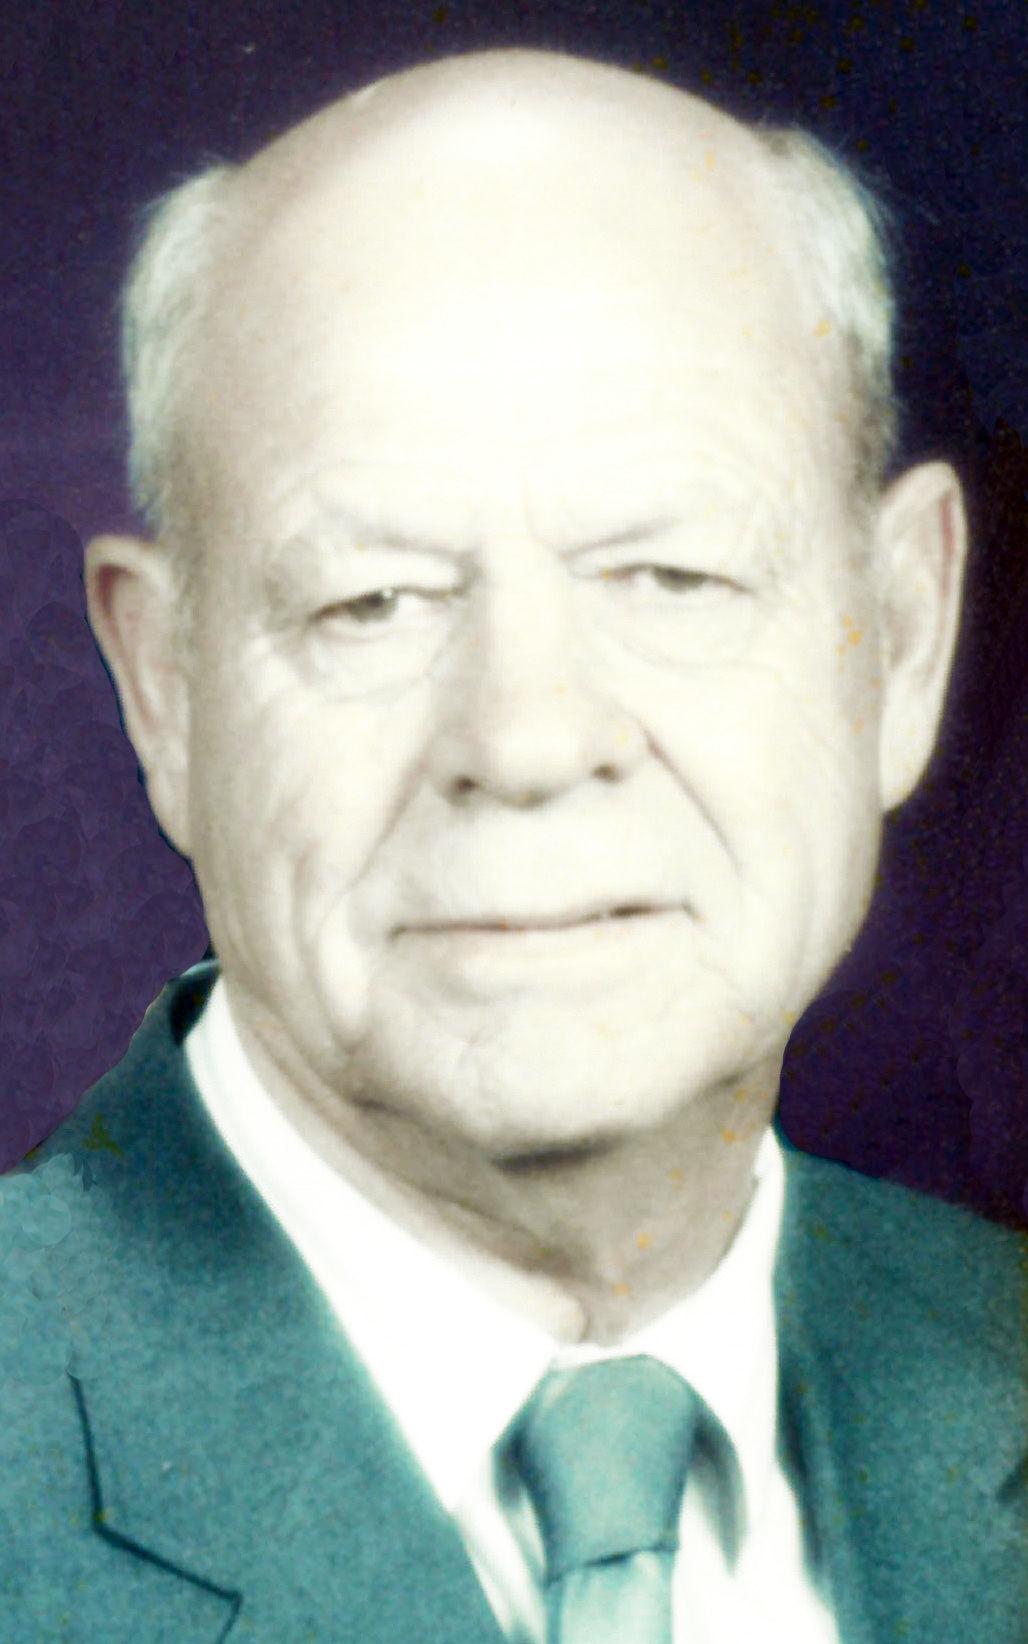 Charles Pridie